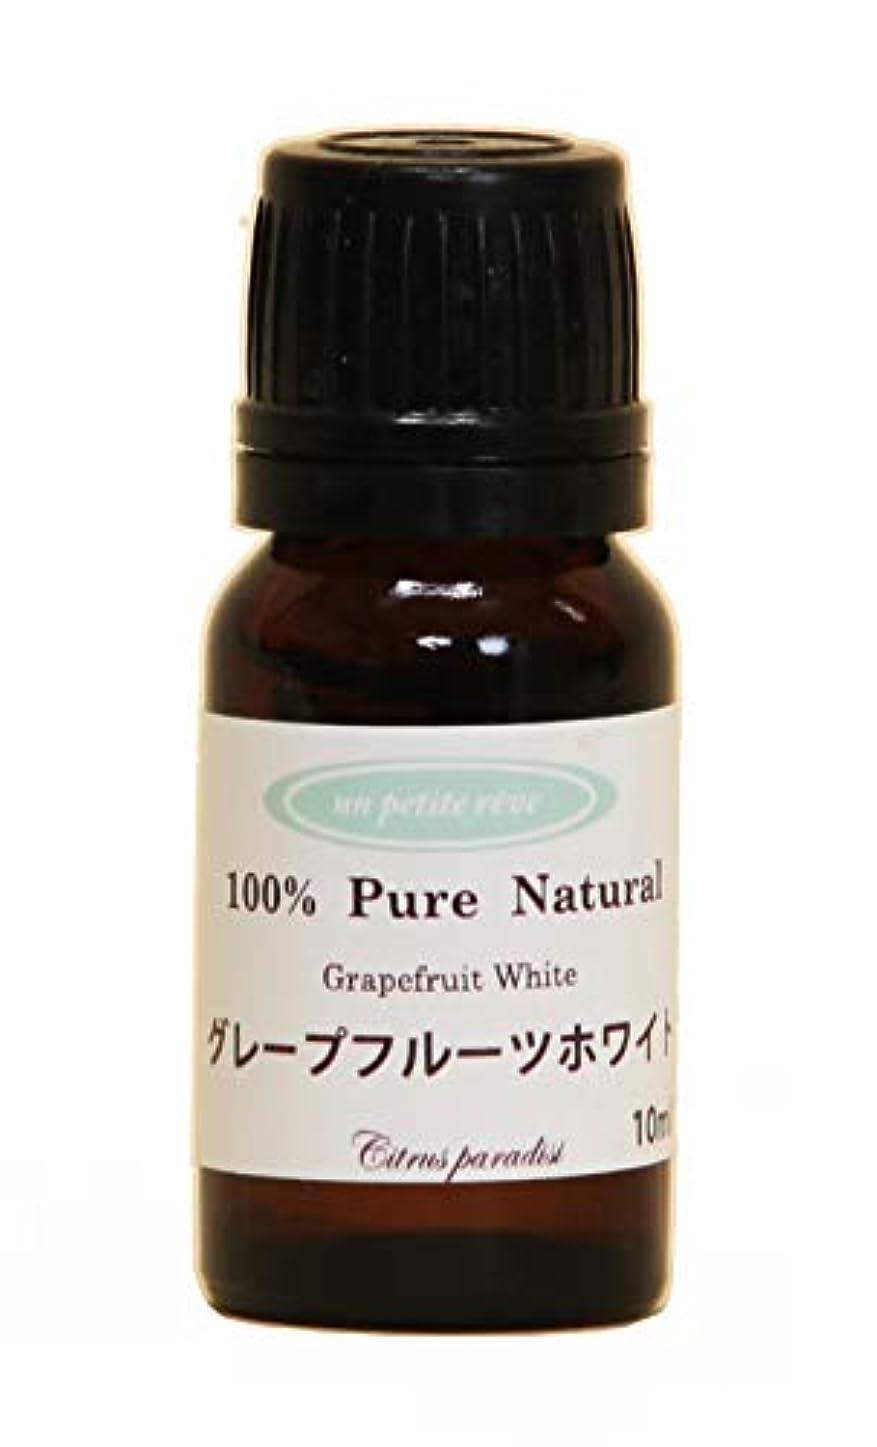 サドル士気うまくやる()グレープフルーツホワイト 10ml 100%天然アロマエッセンシャルオイル(精油)